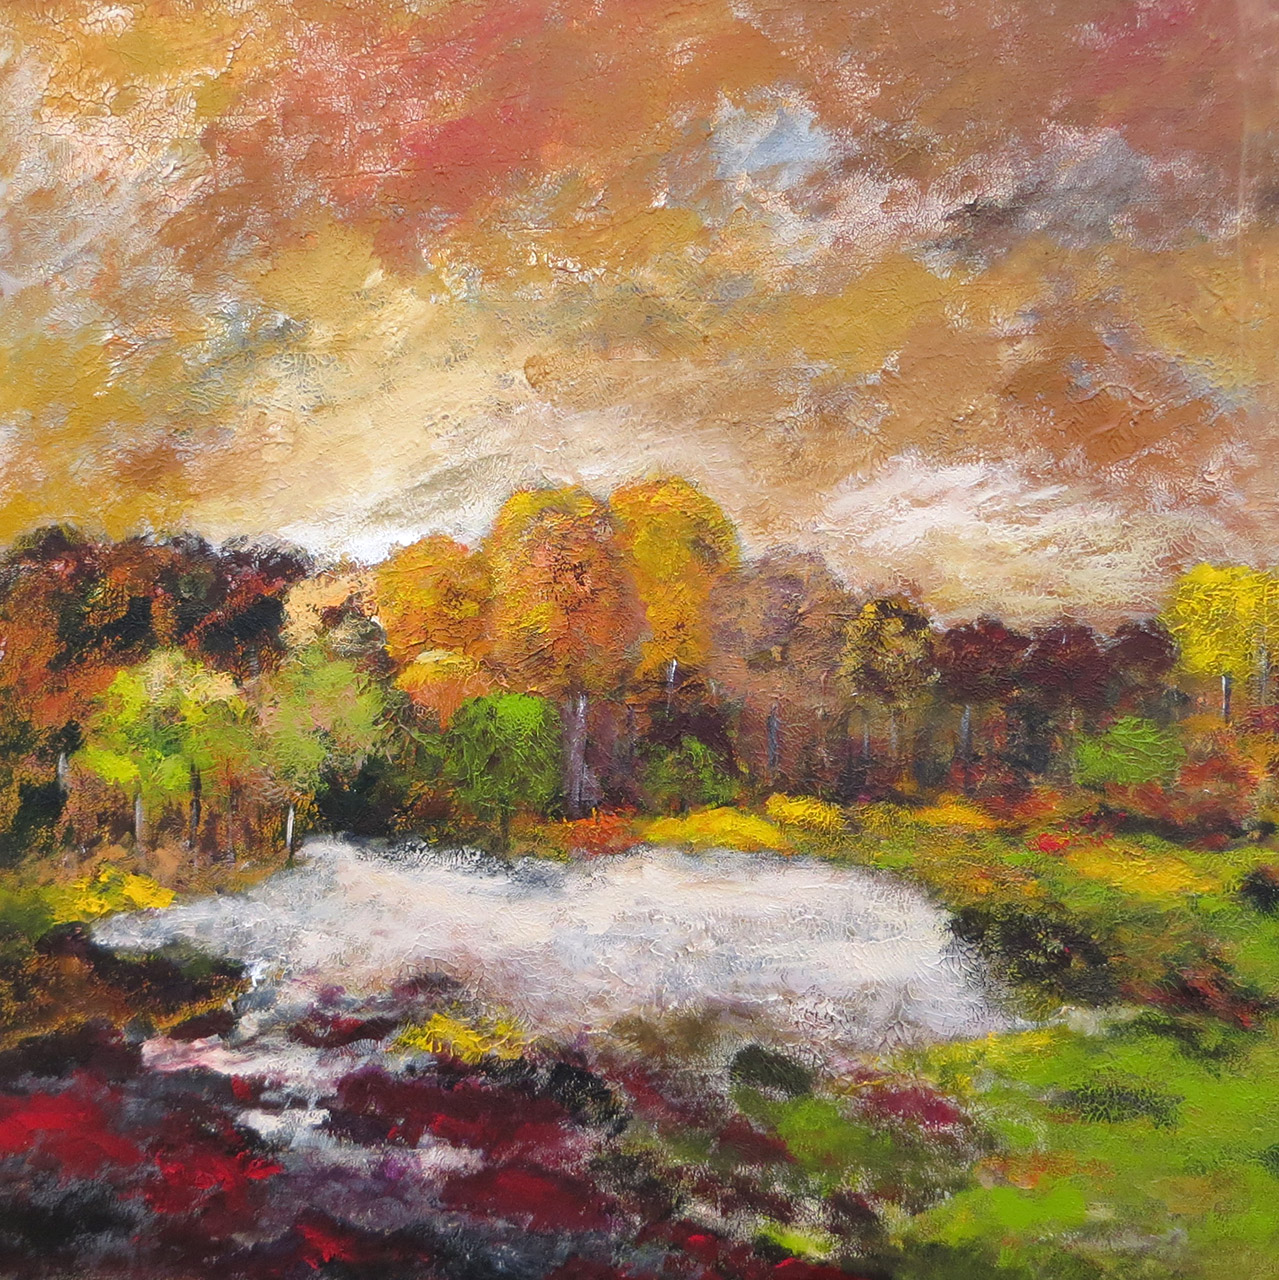 Peter Hoeben_Landschap 1_acryl op doek_80x80